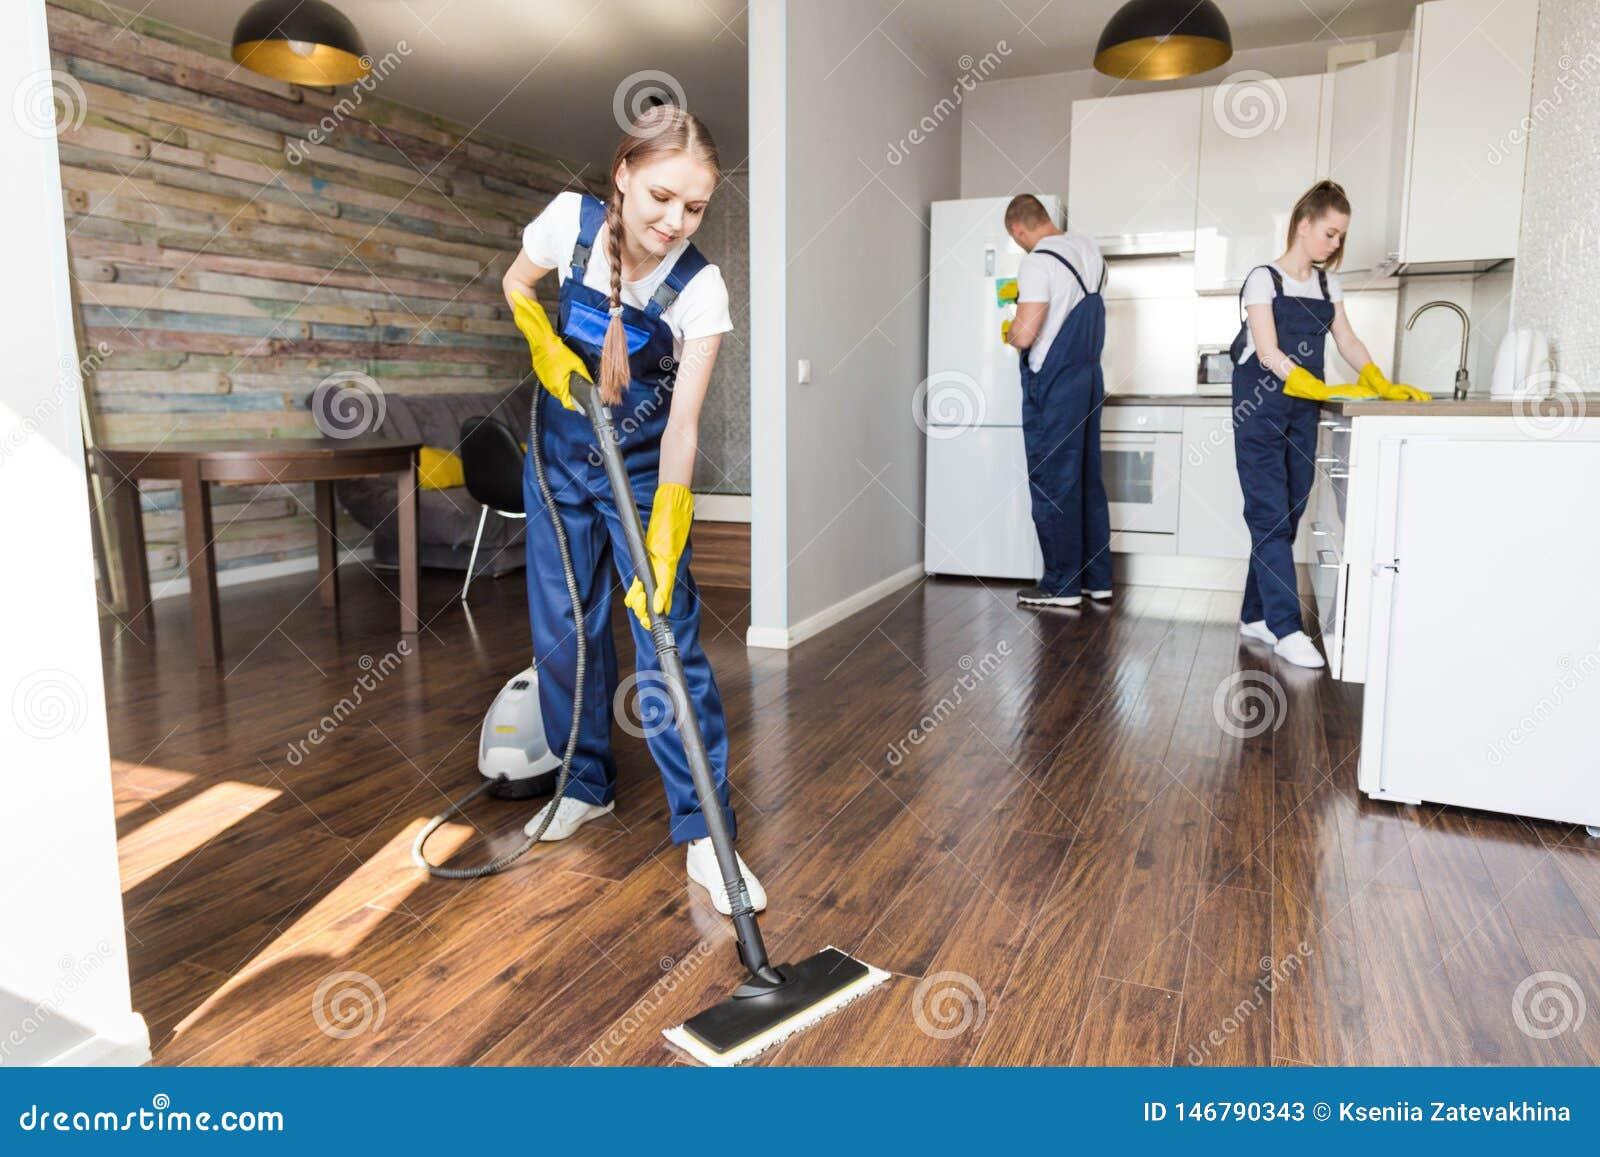 Service de nettoyage avec l ?quipement professionnel pendant le travail nettoyage professionnel de kitchenette, nettoyage ? sec d